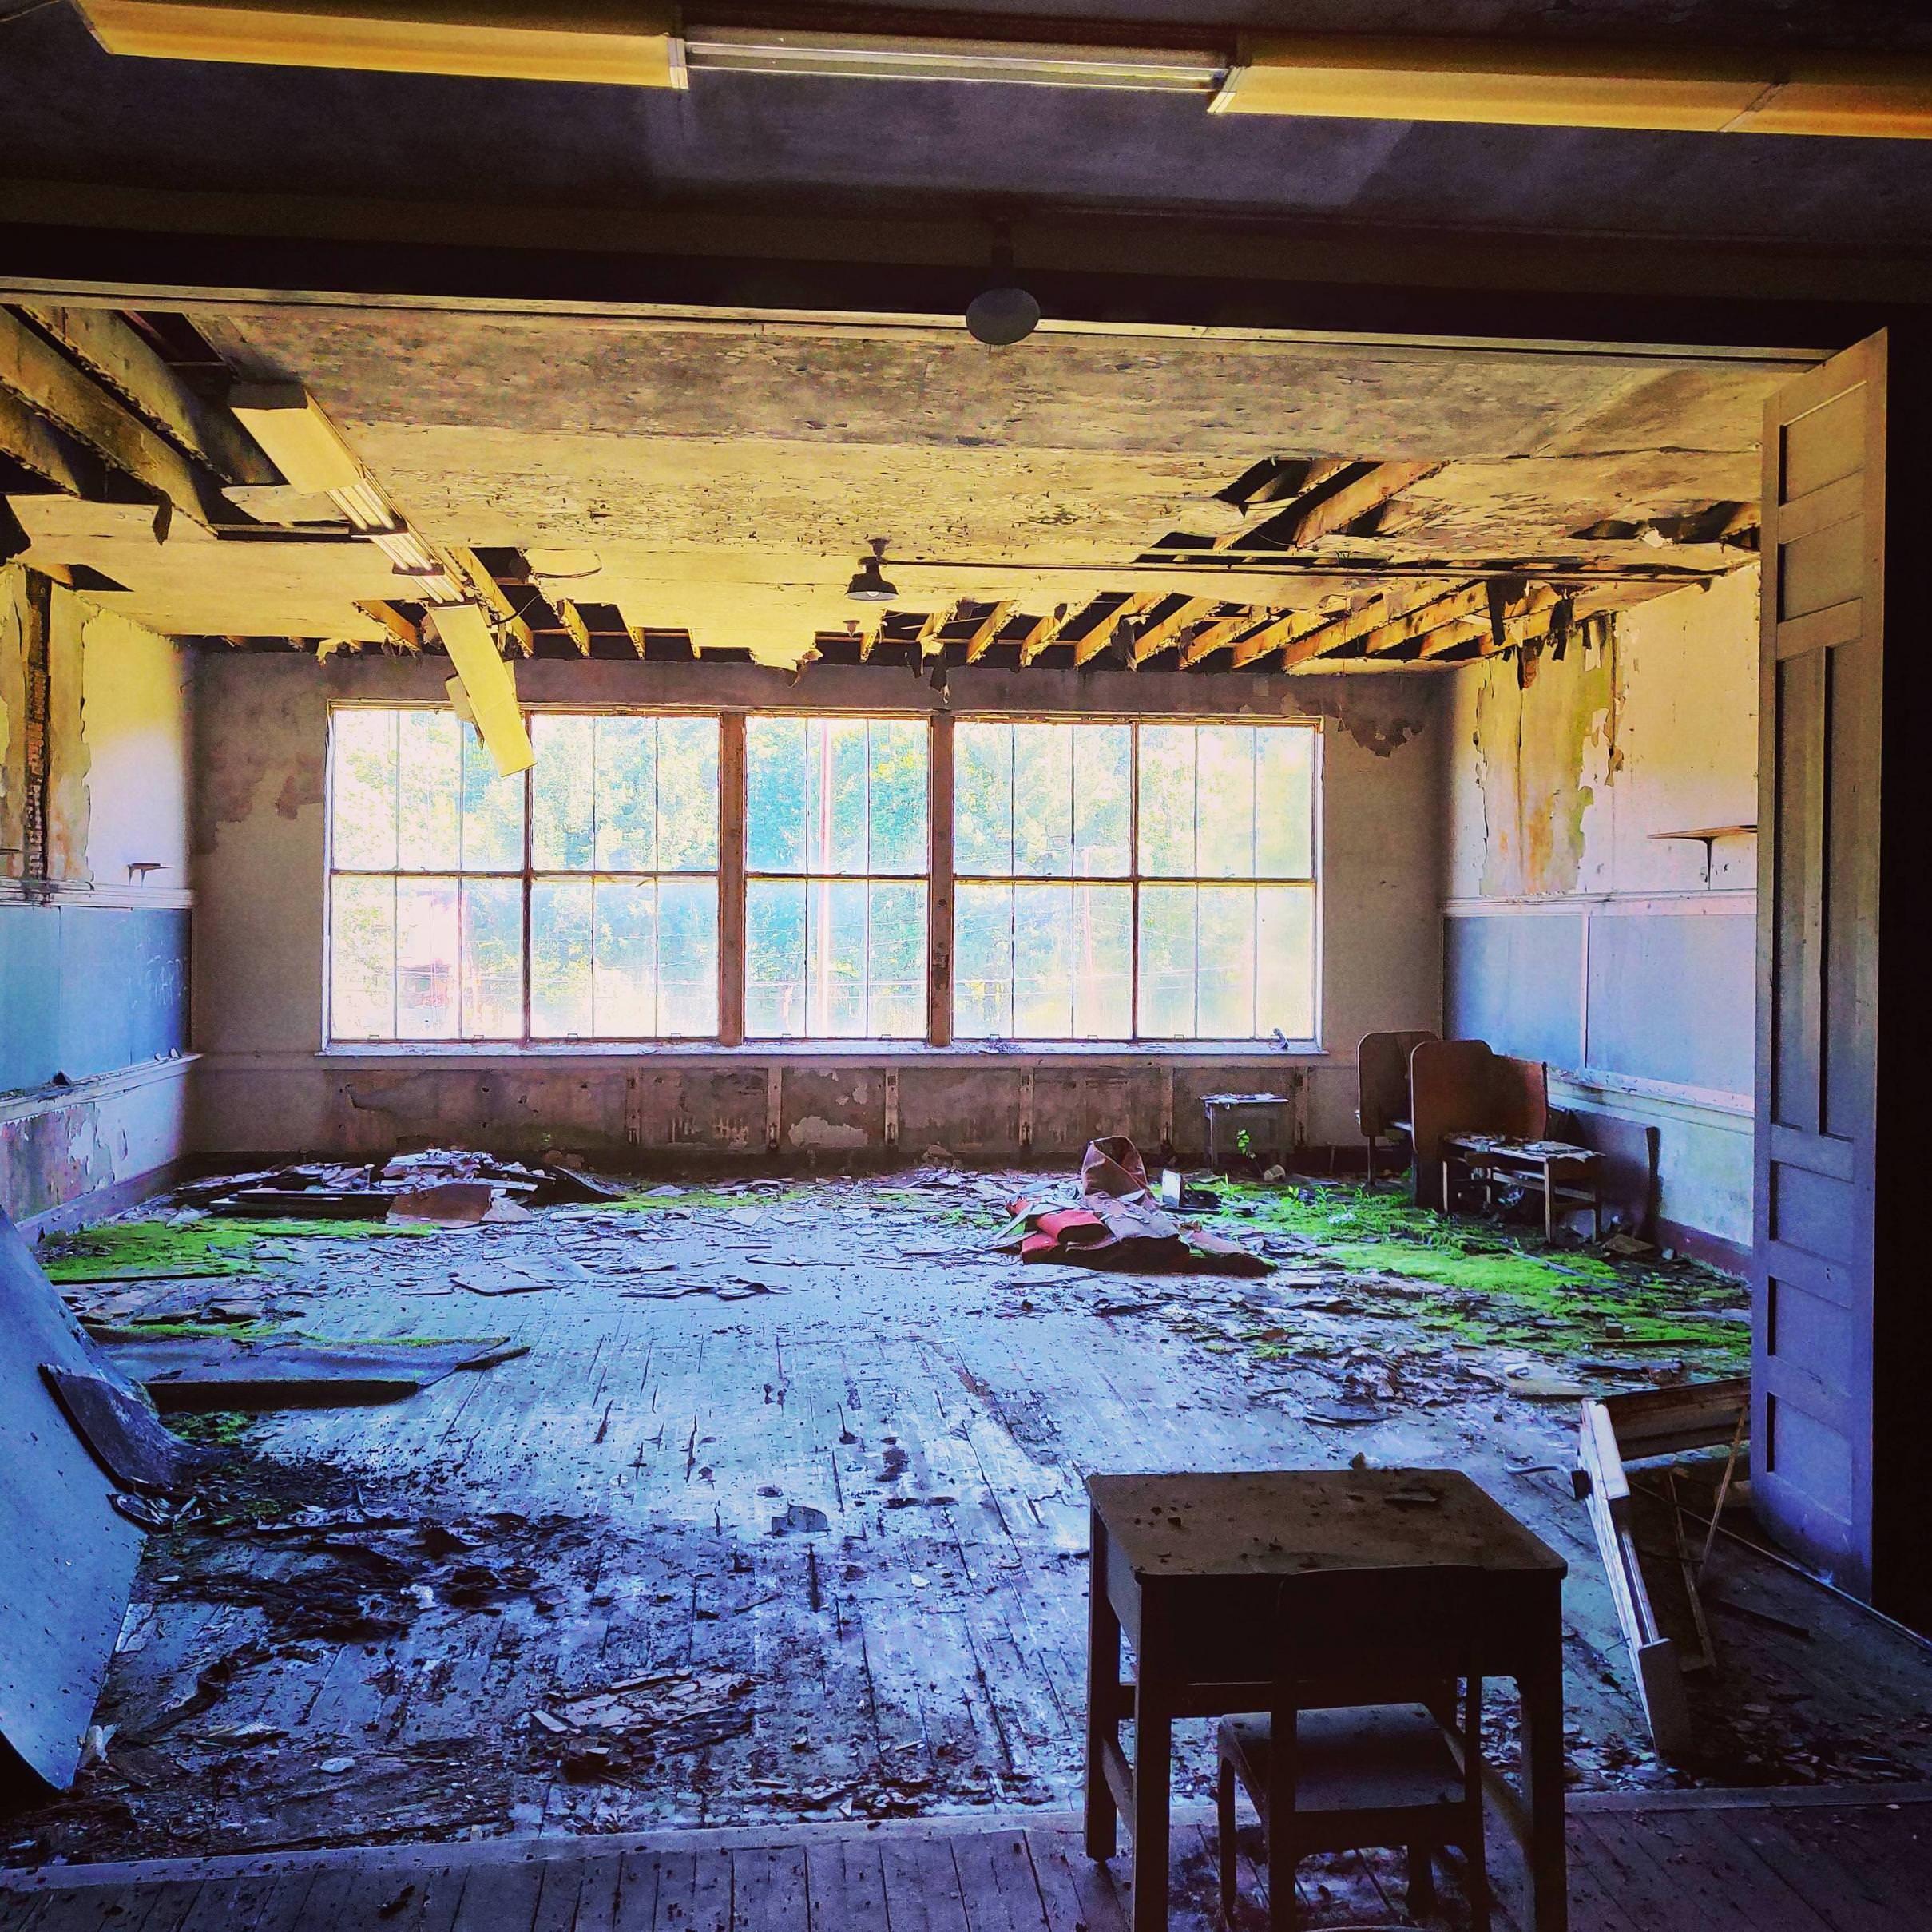 Abandoned School Auditorium [Oc] [3456X3456]